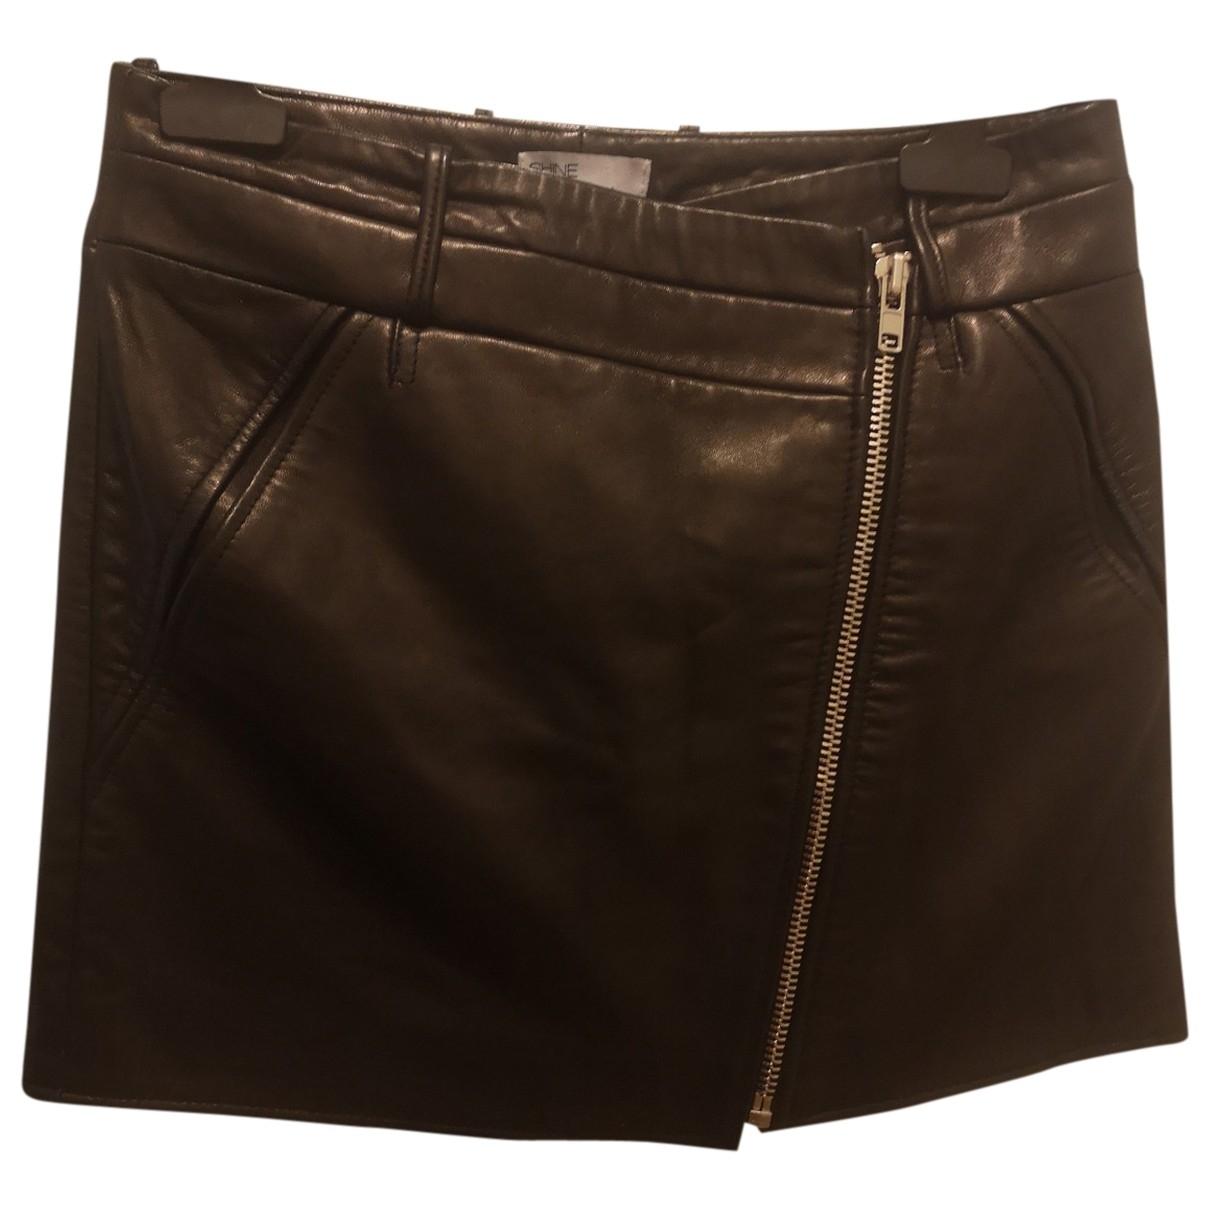 Shine Blossom \N Black Leather skirt for Women 36 FR